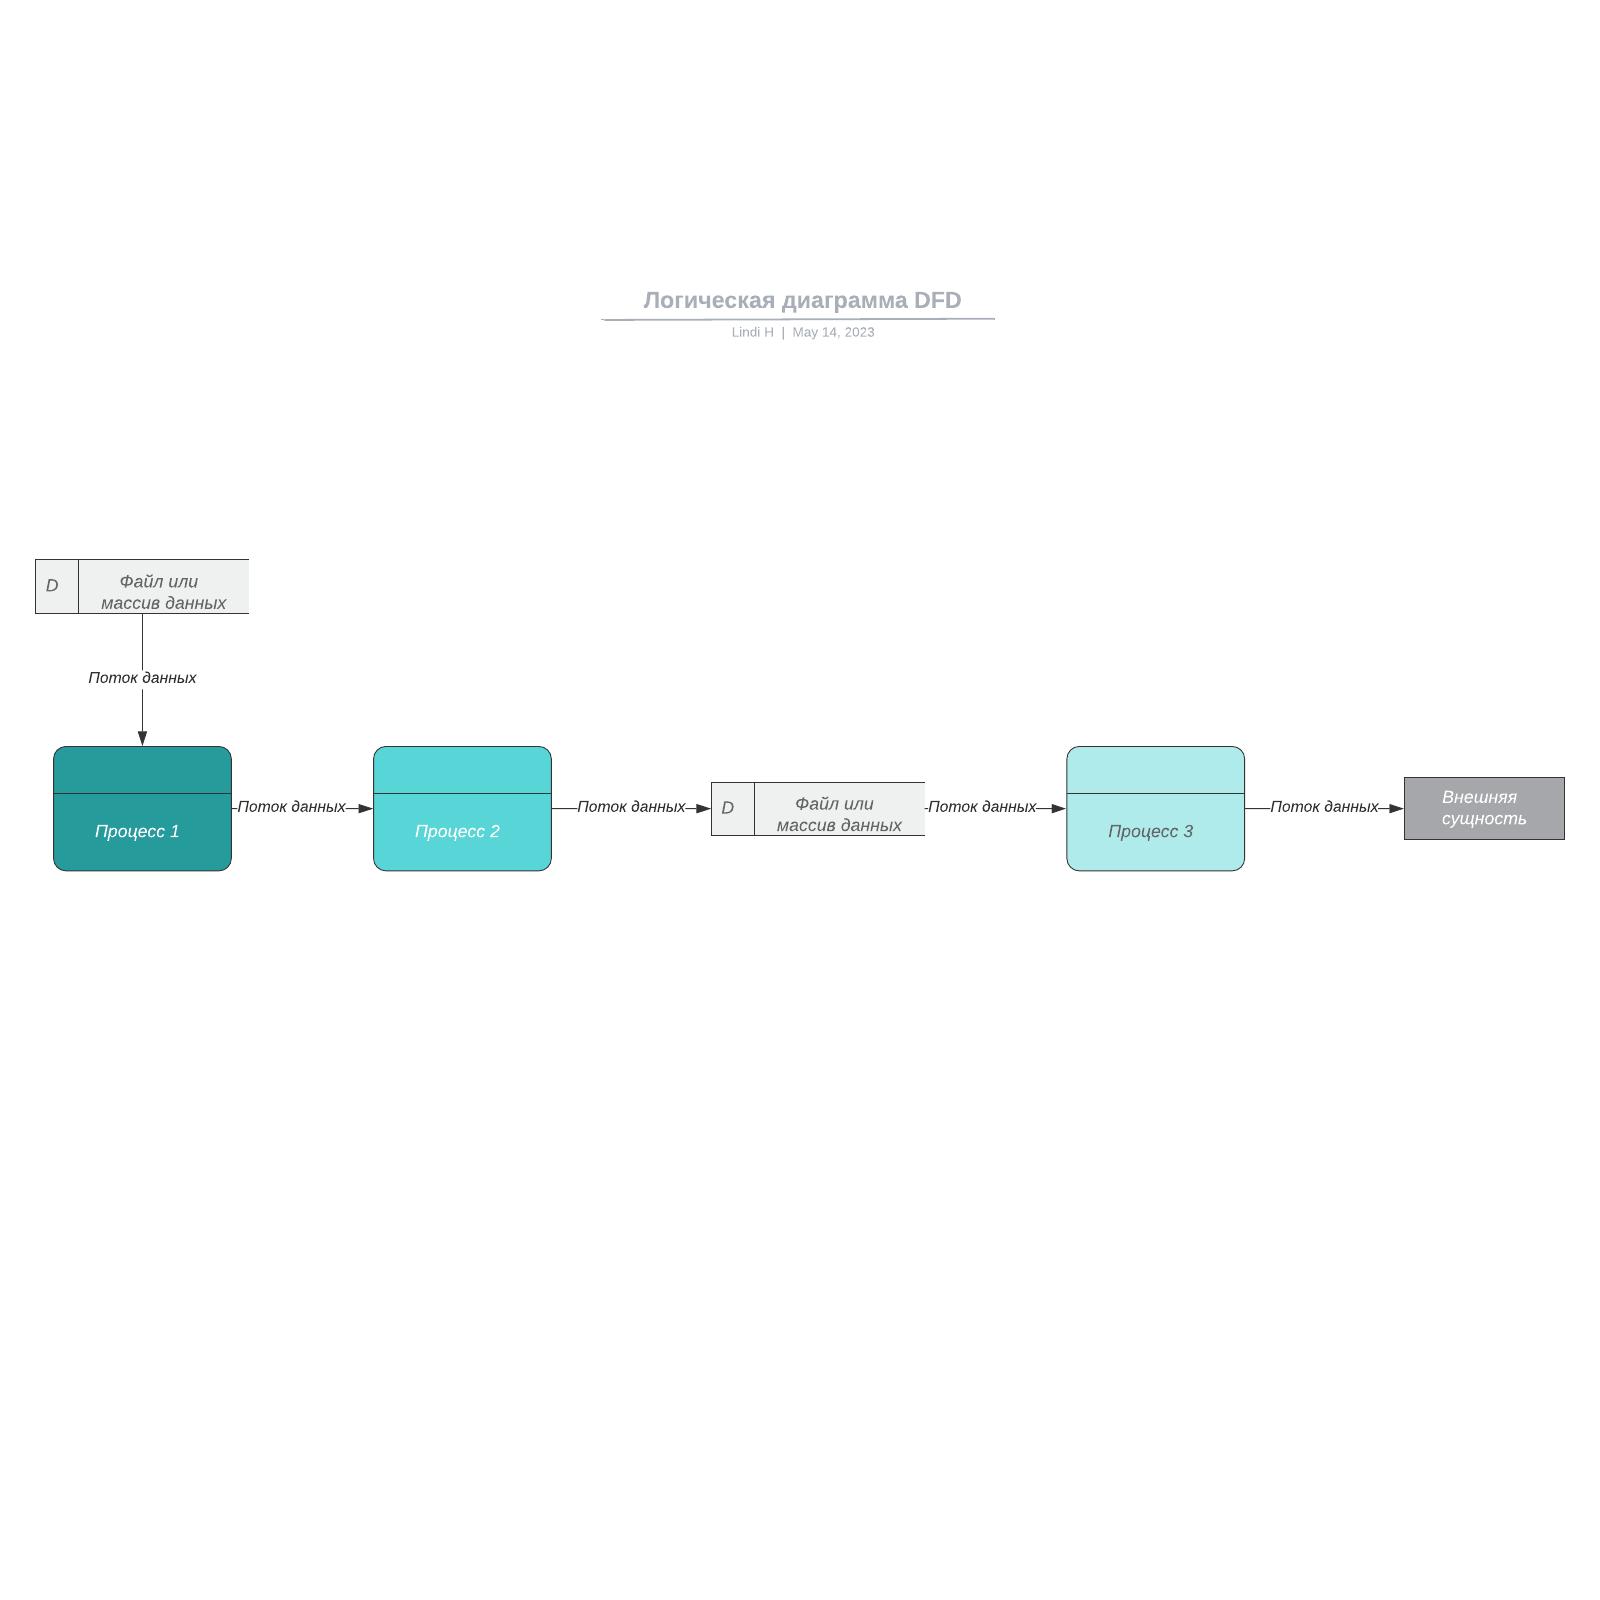 Логическая диаграмма DFD